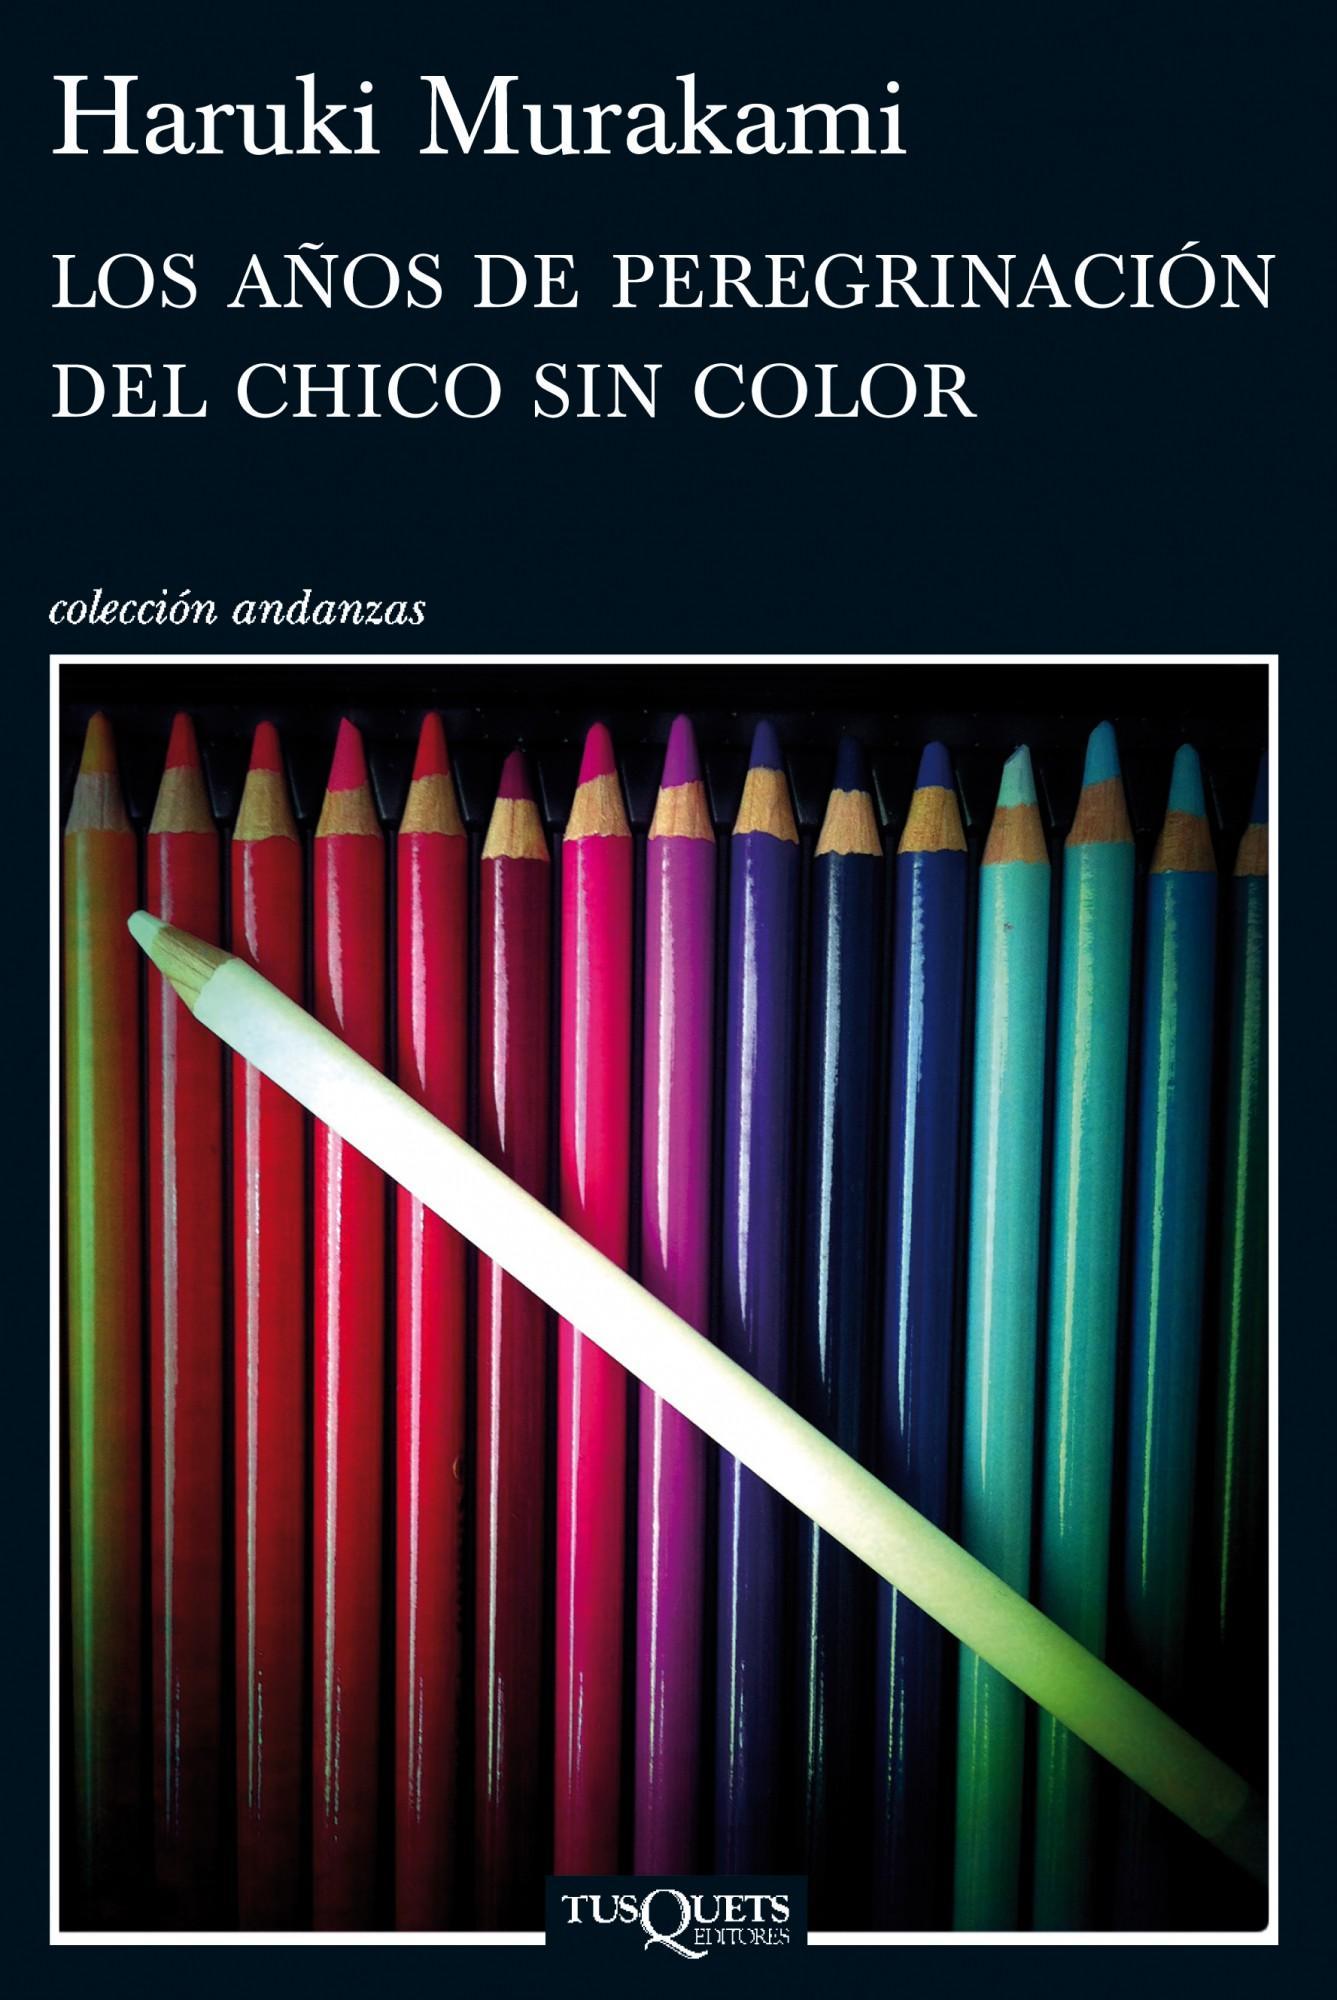 http://www.elplacerdelalectura.com/wp-content/uploads/2013/10/los-anos-de-peregrinacion-del-chico-sin-color-9788483837443.jpg